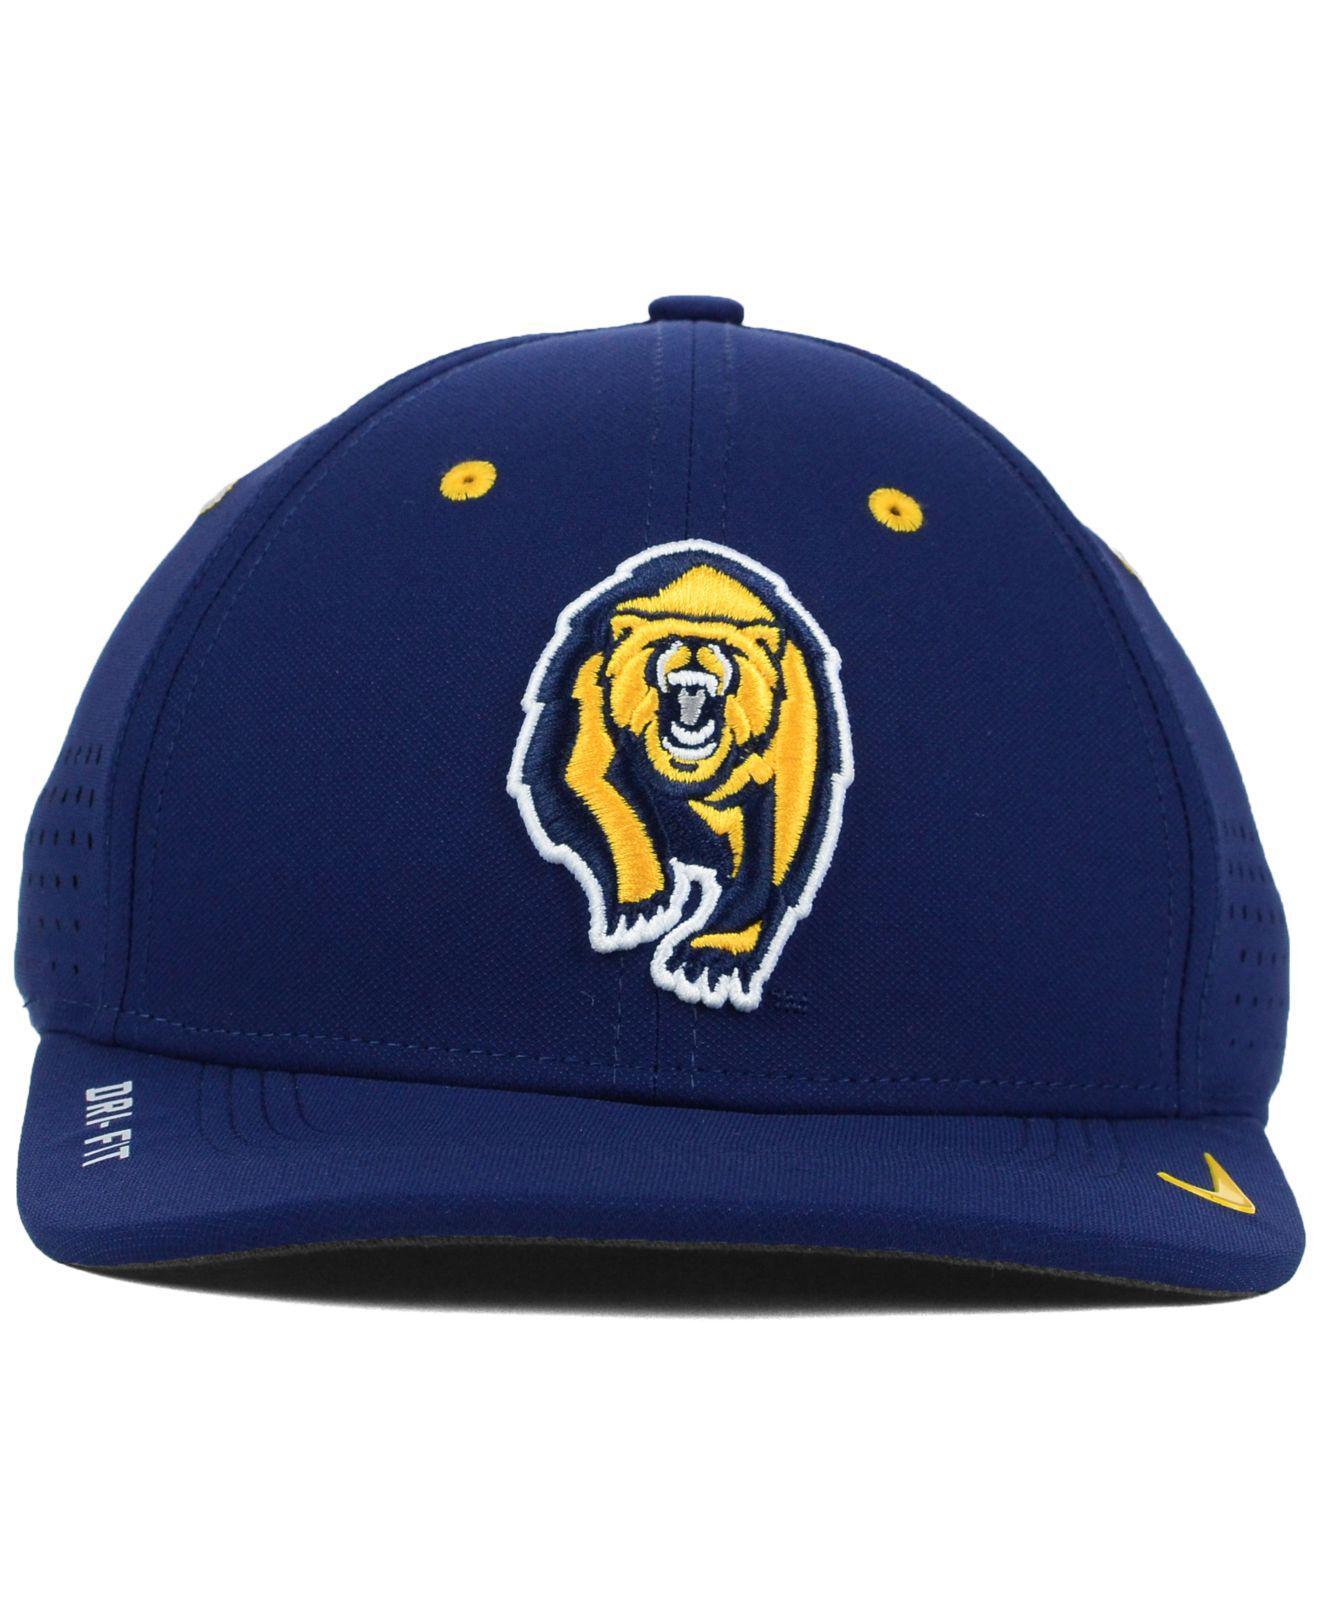 best service 80c74 7a657 ... wholesale lyst nike california golden bears sideline cap in blue for men  3b7f5 ea1d3